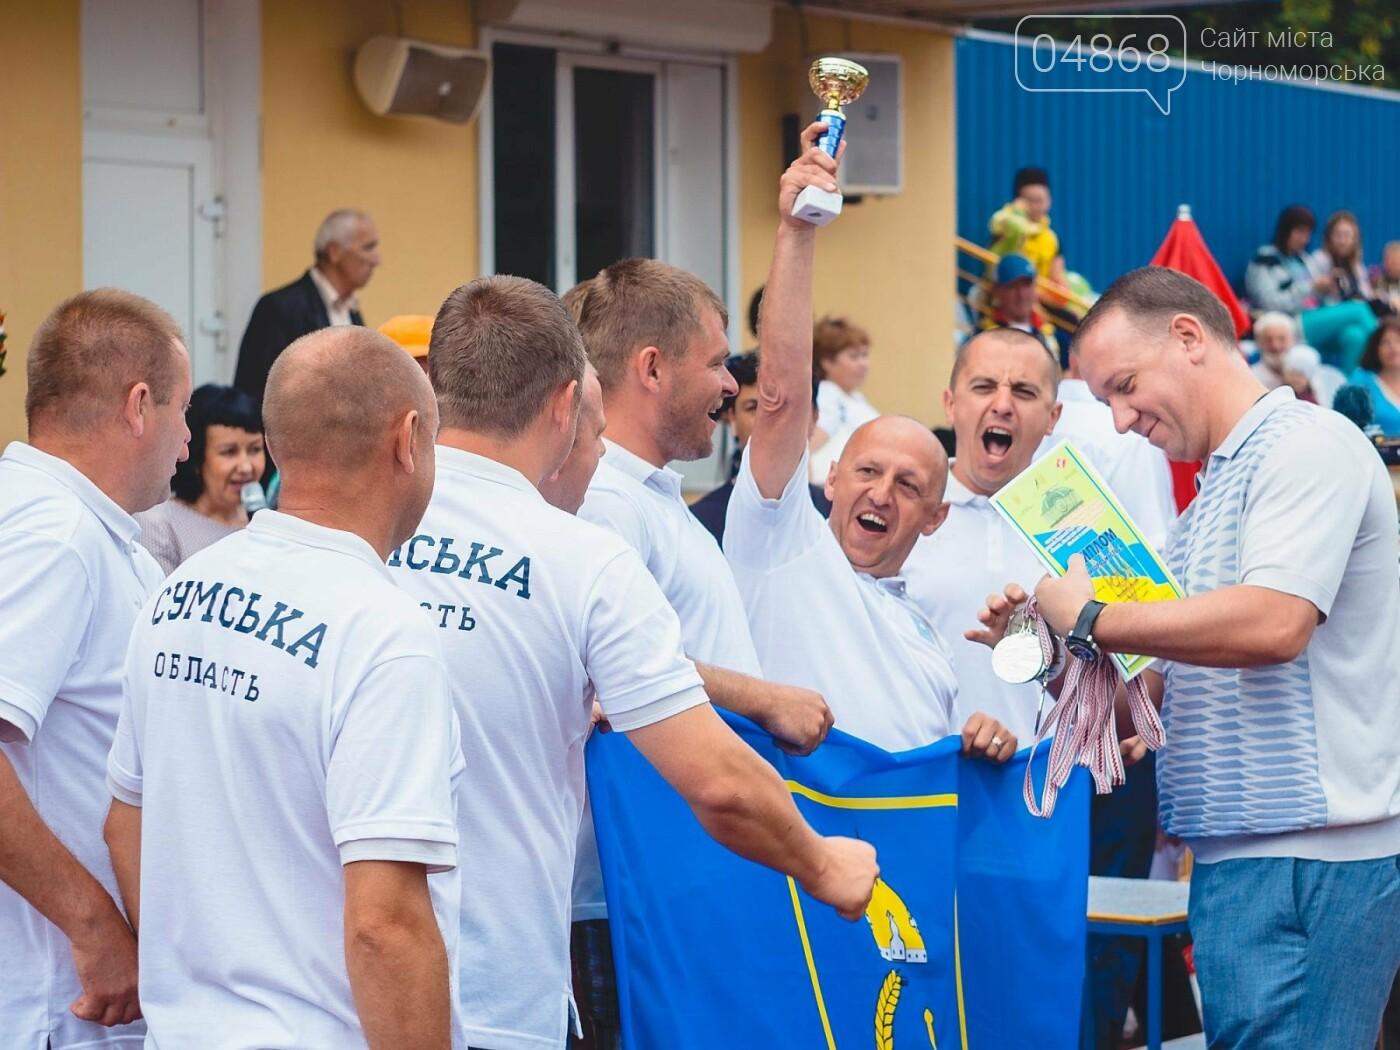 В Черноморске завершилась VII Всеукраинская спартакиада среди депутатов, фото-7